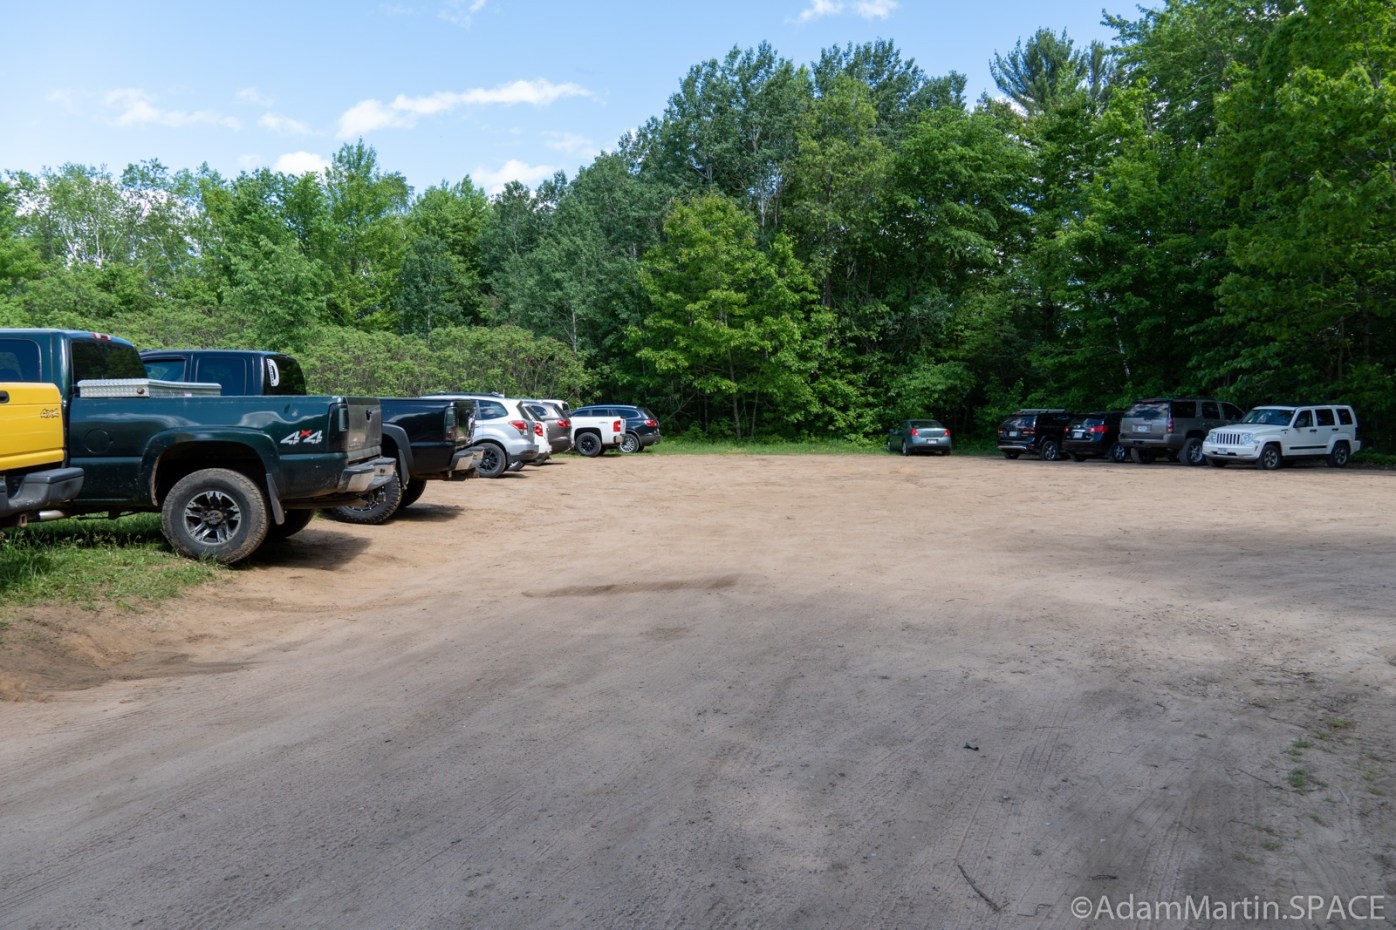 Little Bull Falls (Shawano) - Full parking lot at Gilmer Falls